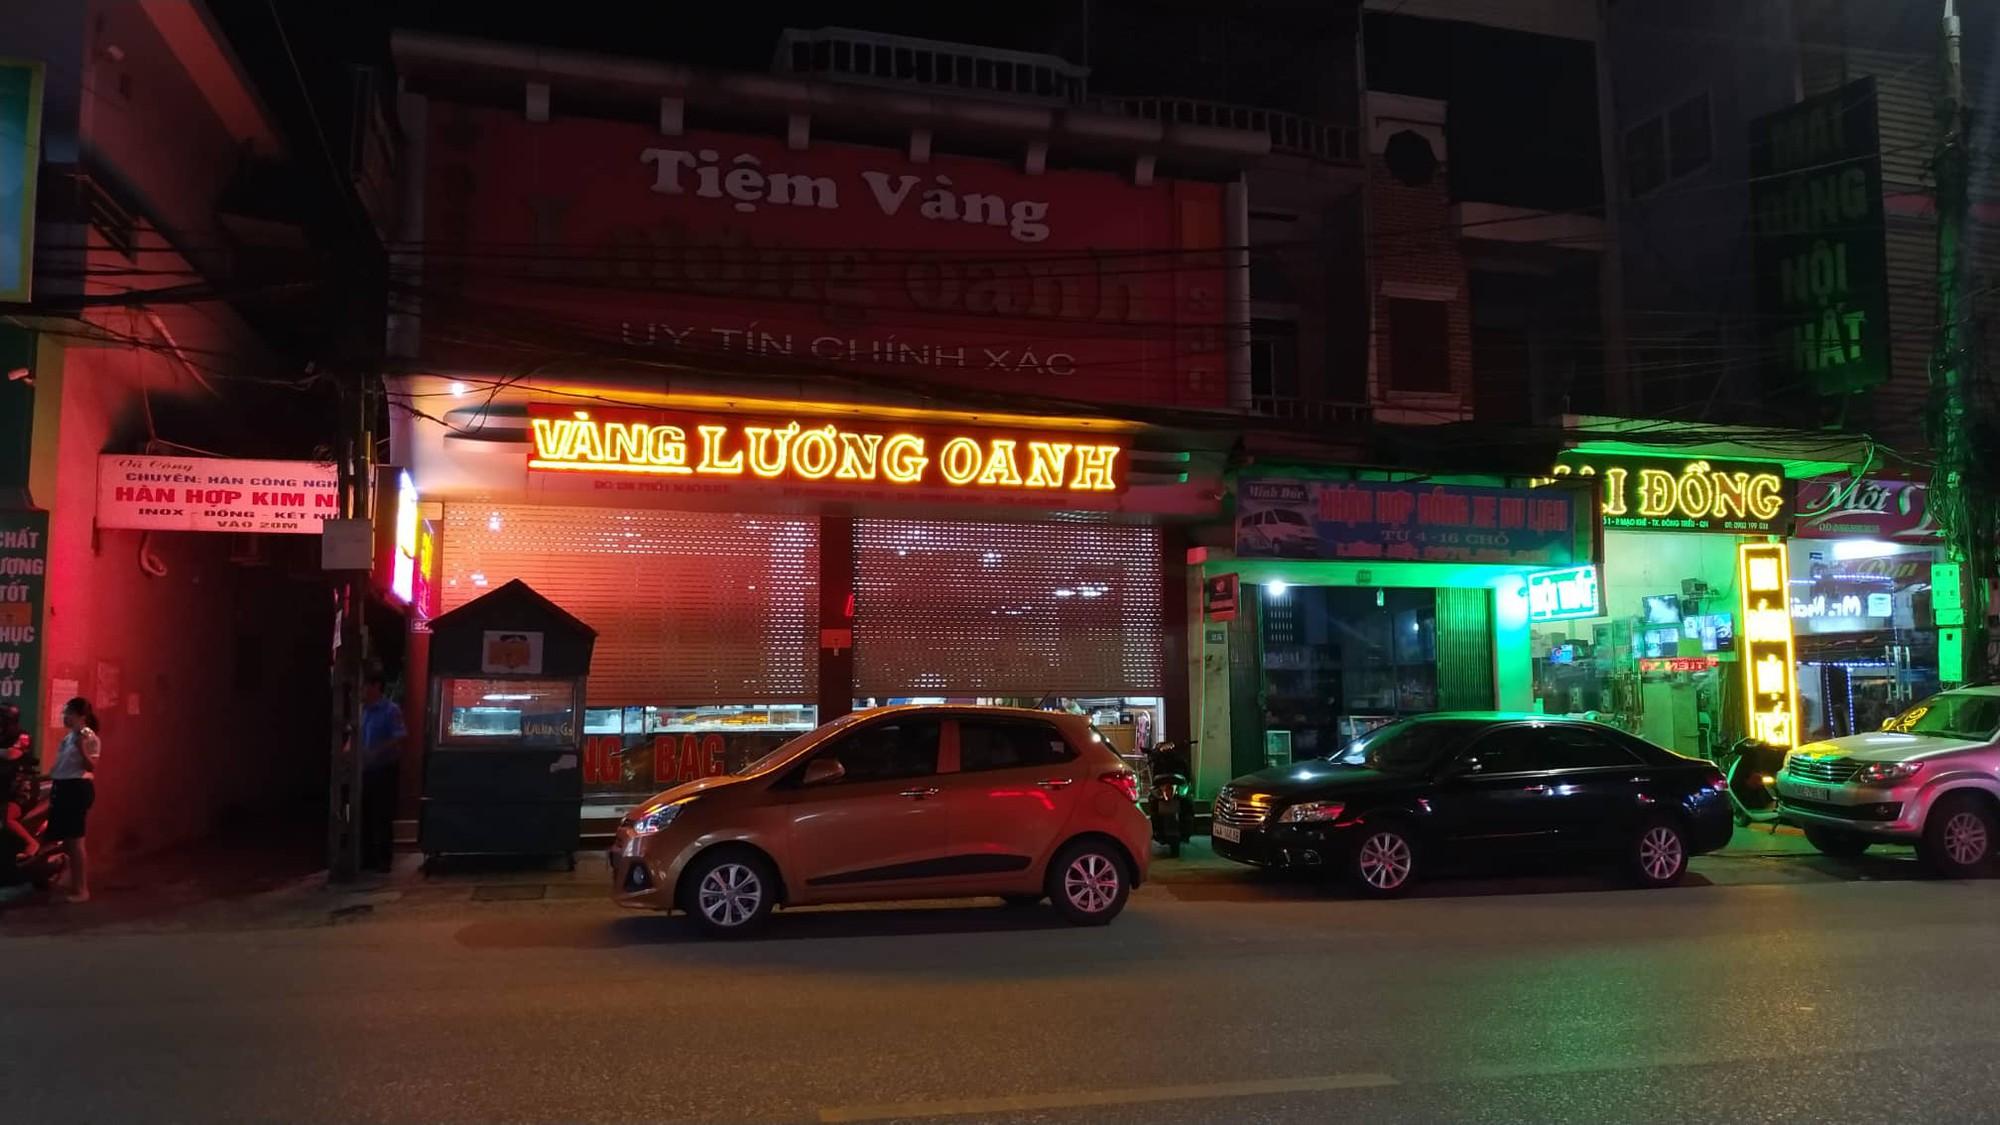 Tiết lộ quá khứ bất hảo của nghi phạm nổ súng cướp tiệm vàng ở Quảng Ninh - Ảnh 2.